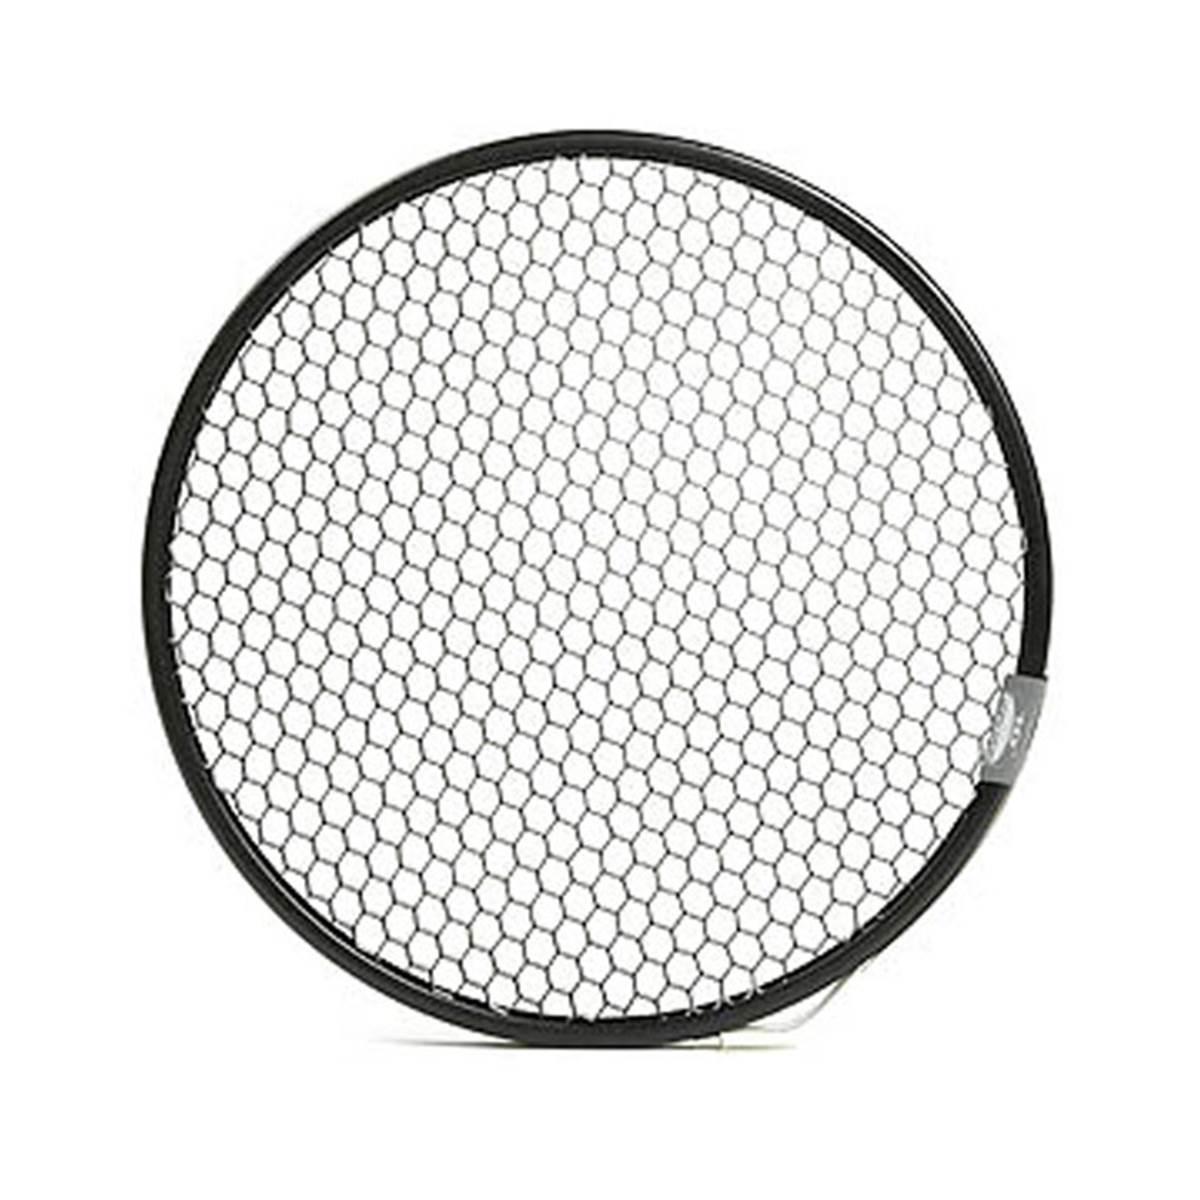 profoto grille nid d 39 abeille widezoom 10 prophot. Black Bedroom Furniture Sets. Home Design Ideas